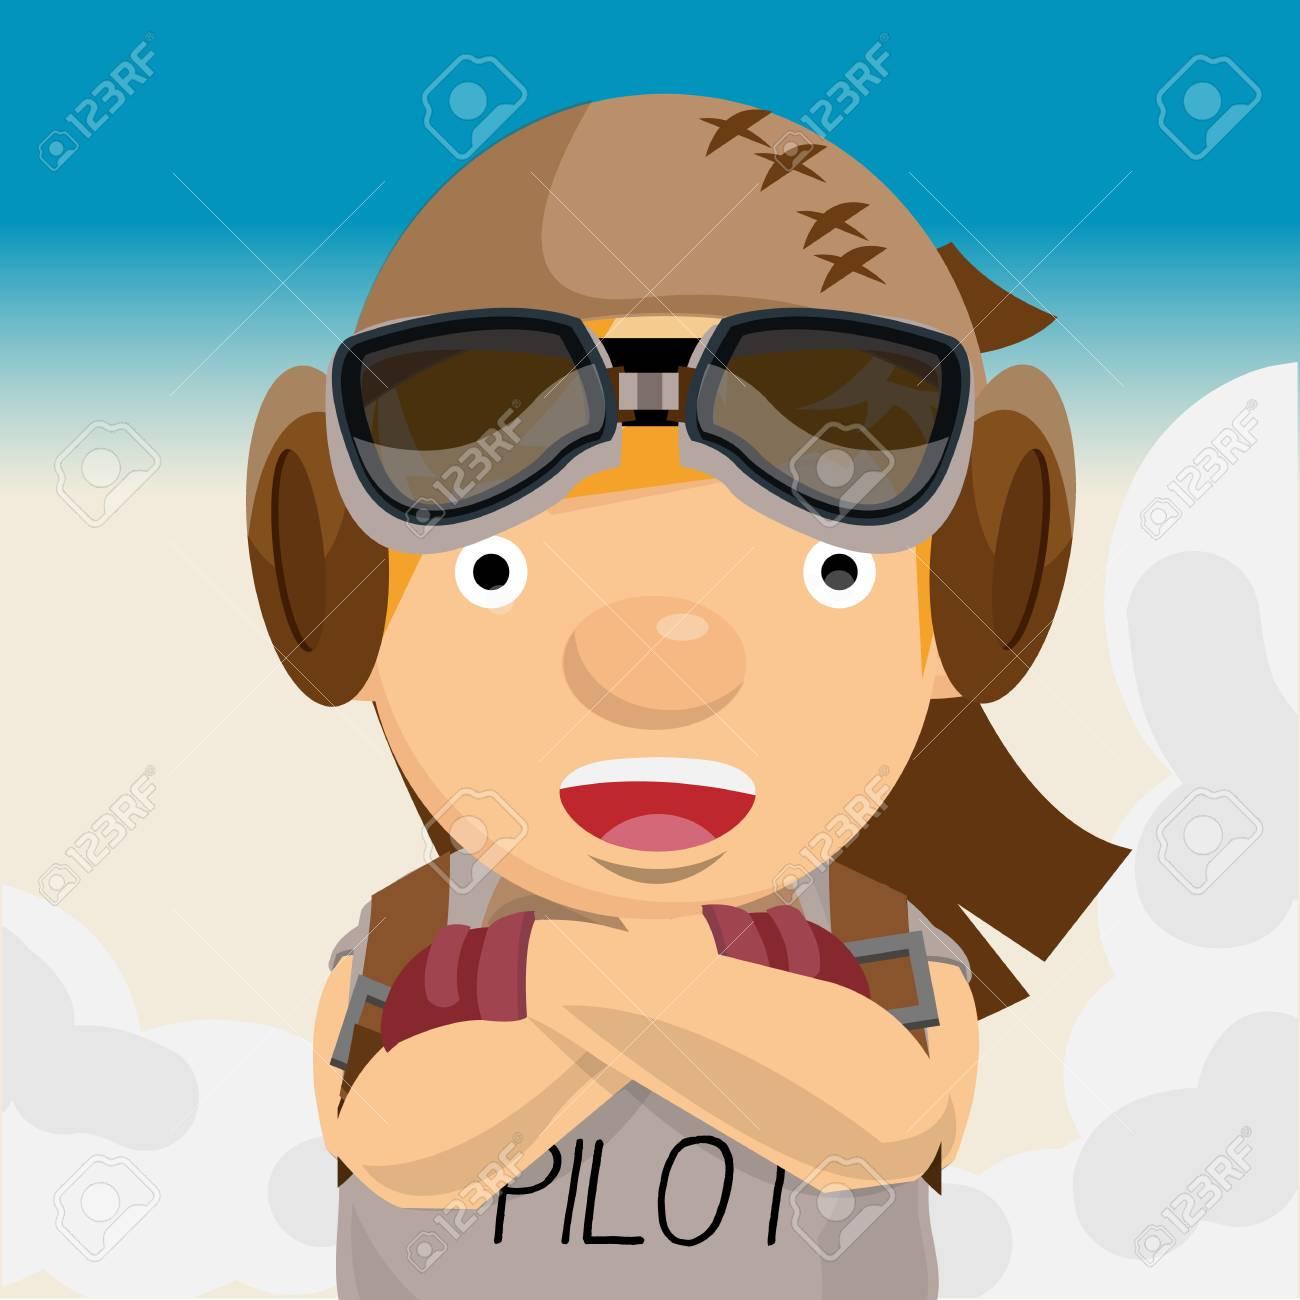 da998c1dad adventure man. pilot. aviation - vector illustration Stock Vector - 45203131